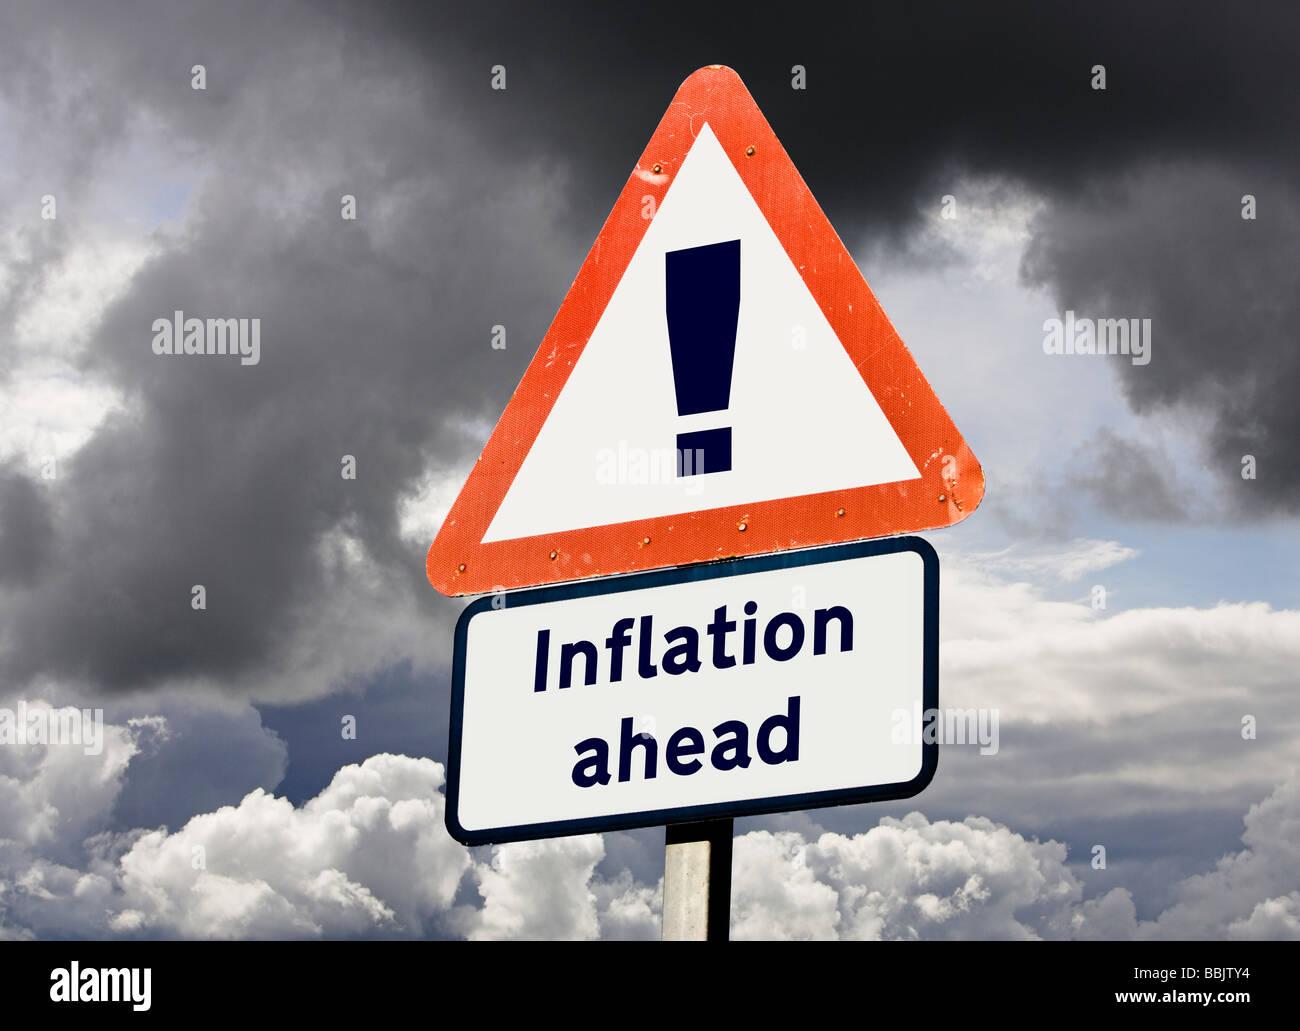 Zeichen-Konzept zeigt Inflation steigt weiter - zukünftige Vorhersage, Wirtschaft, Wirtschaft Konzepte, UK Stockbild